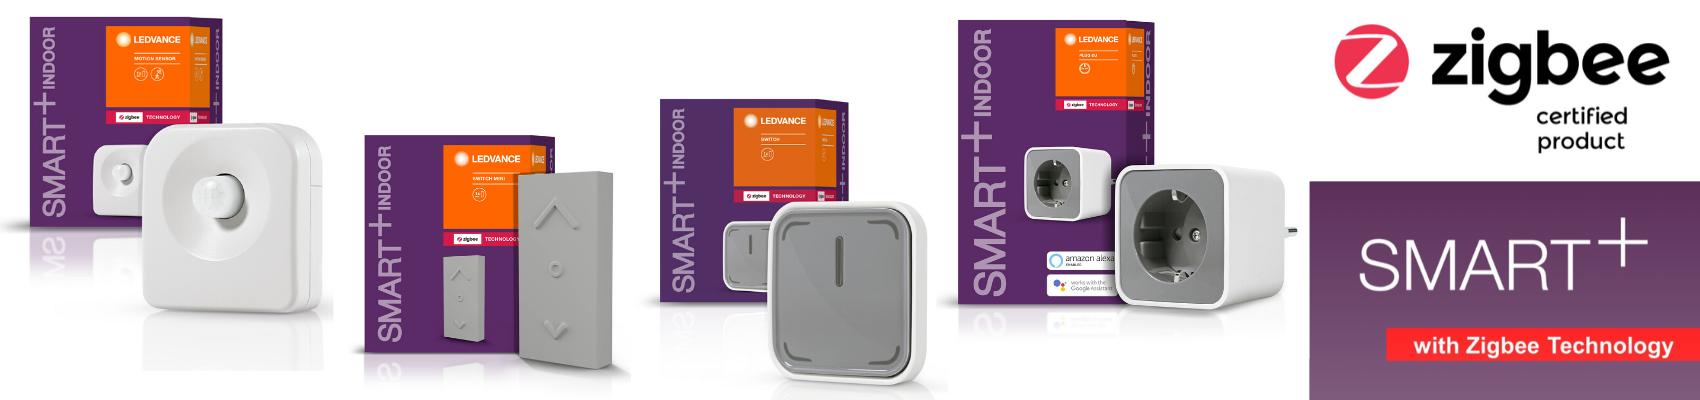 Ledvance Smart + Zigbee